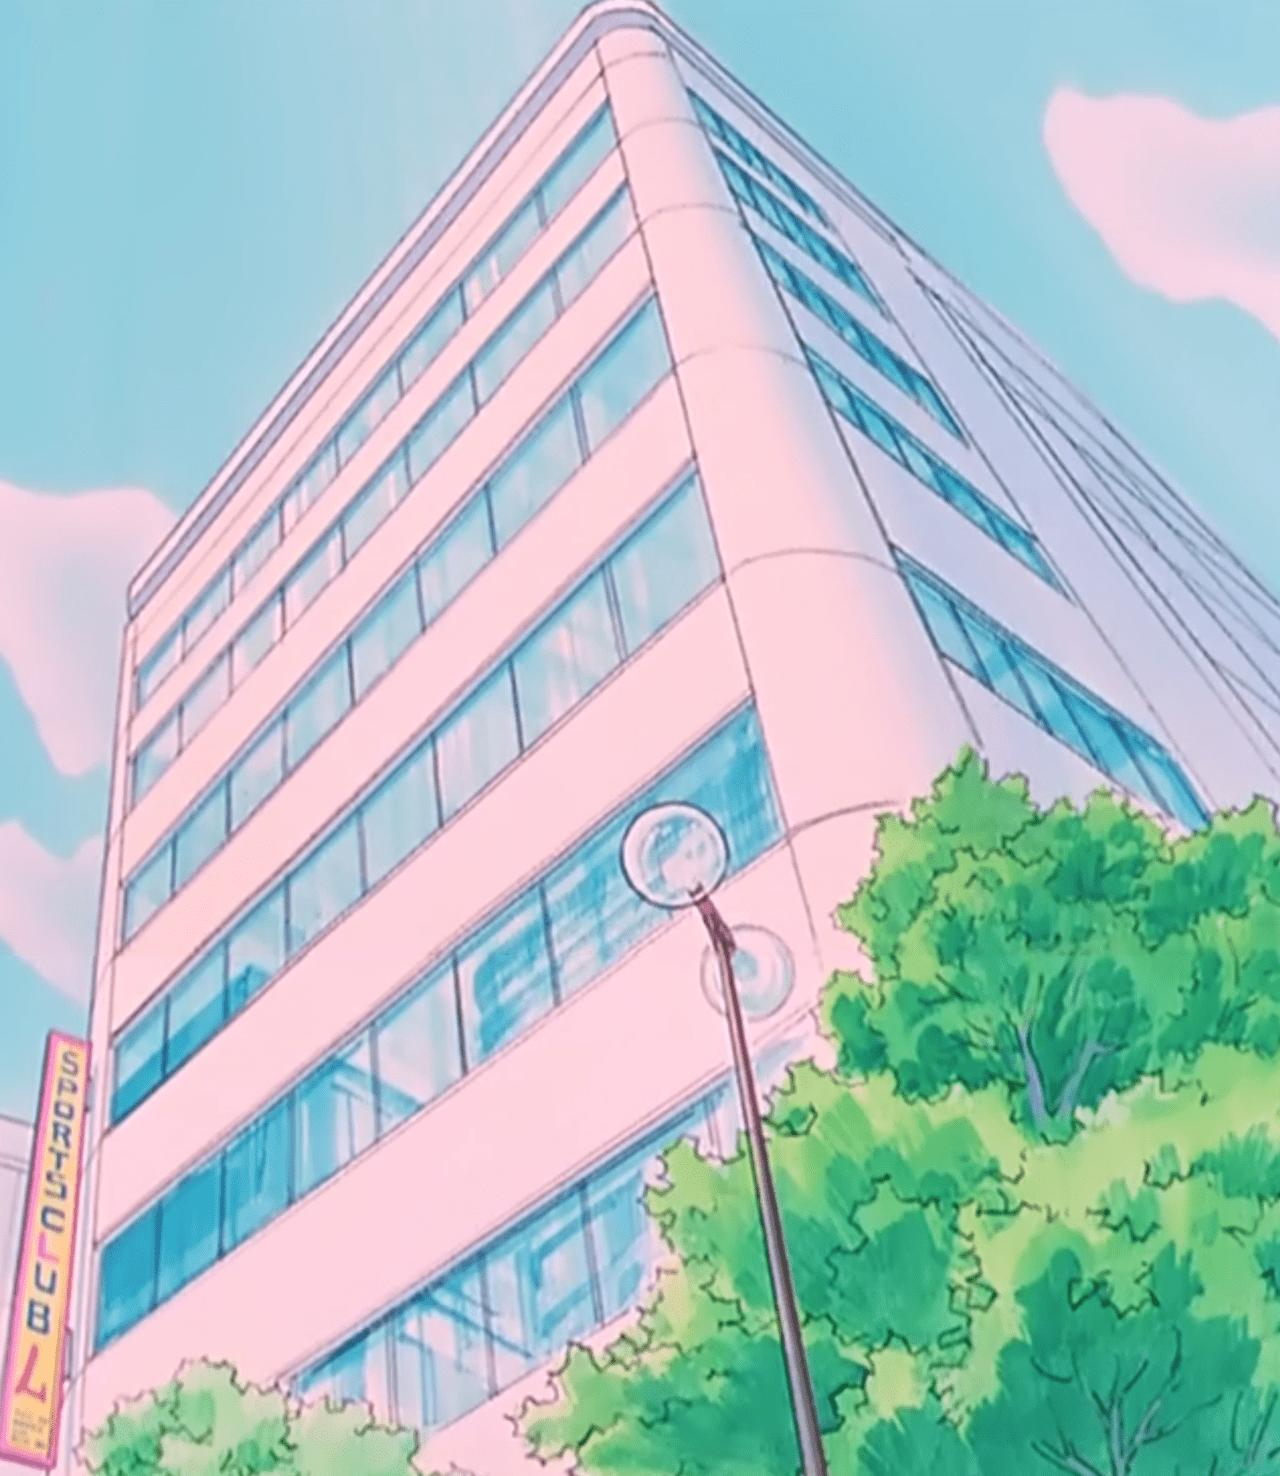 90s anime aesthetic desktop wallpaper hd 90s anime